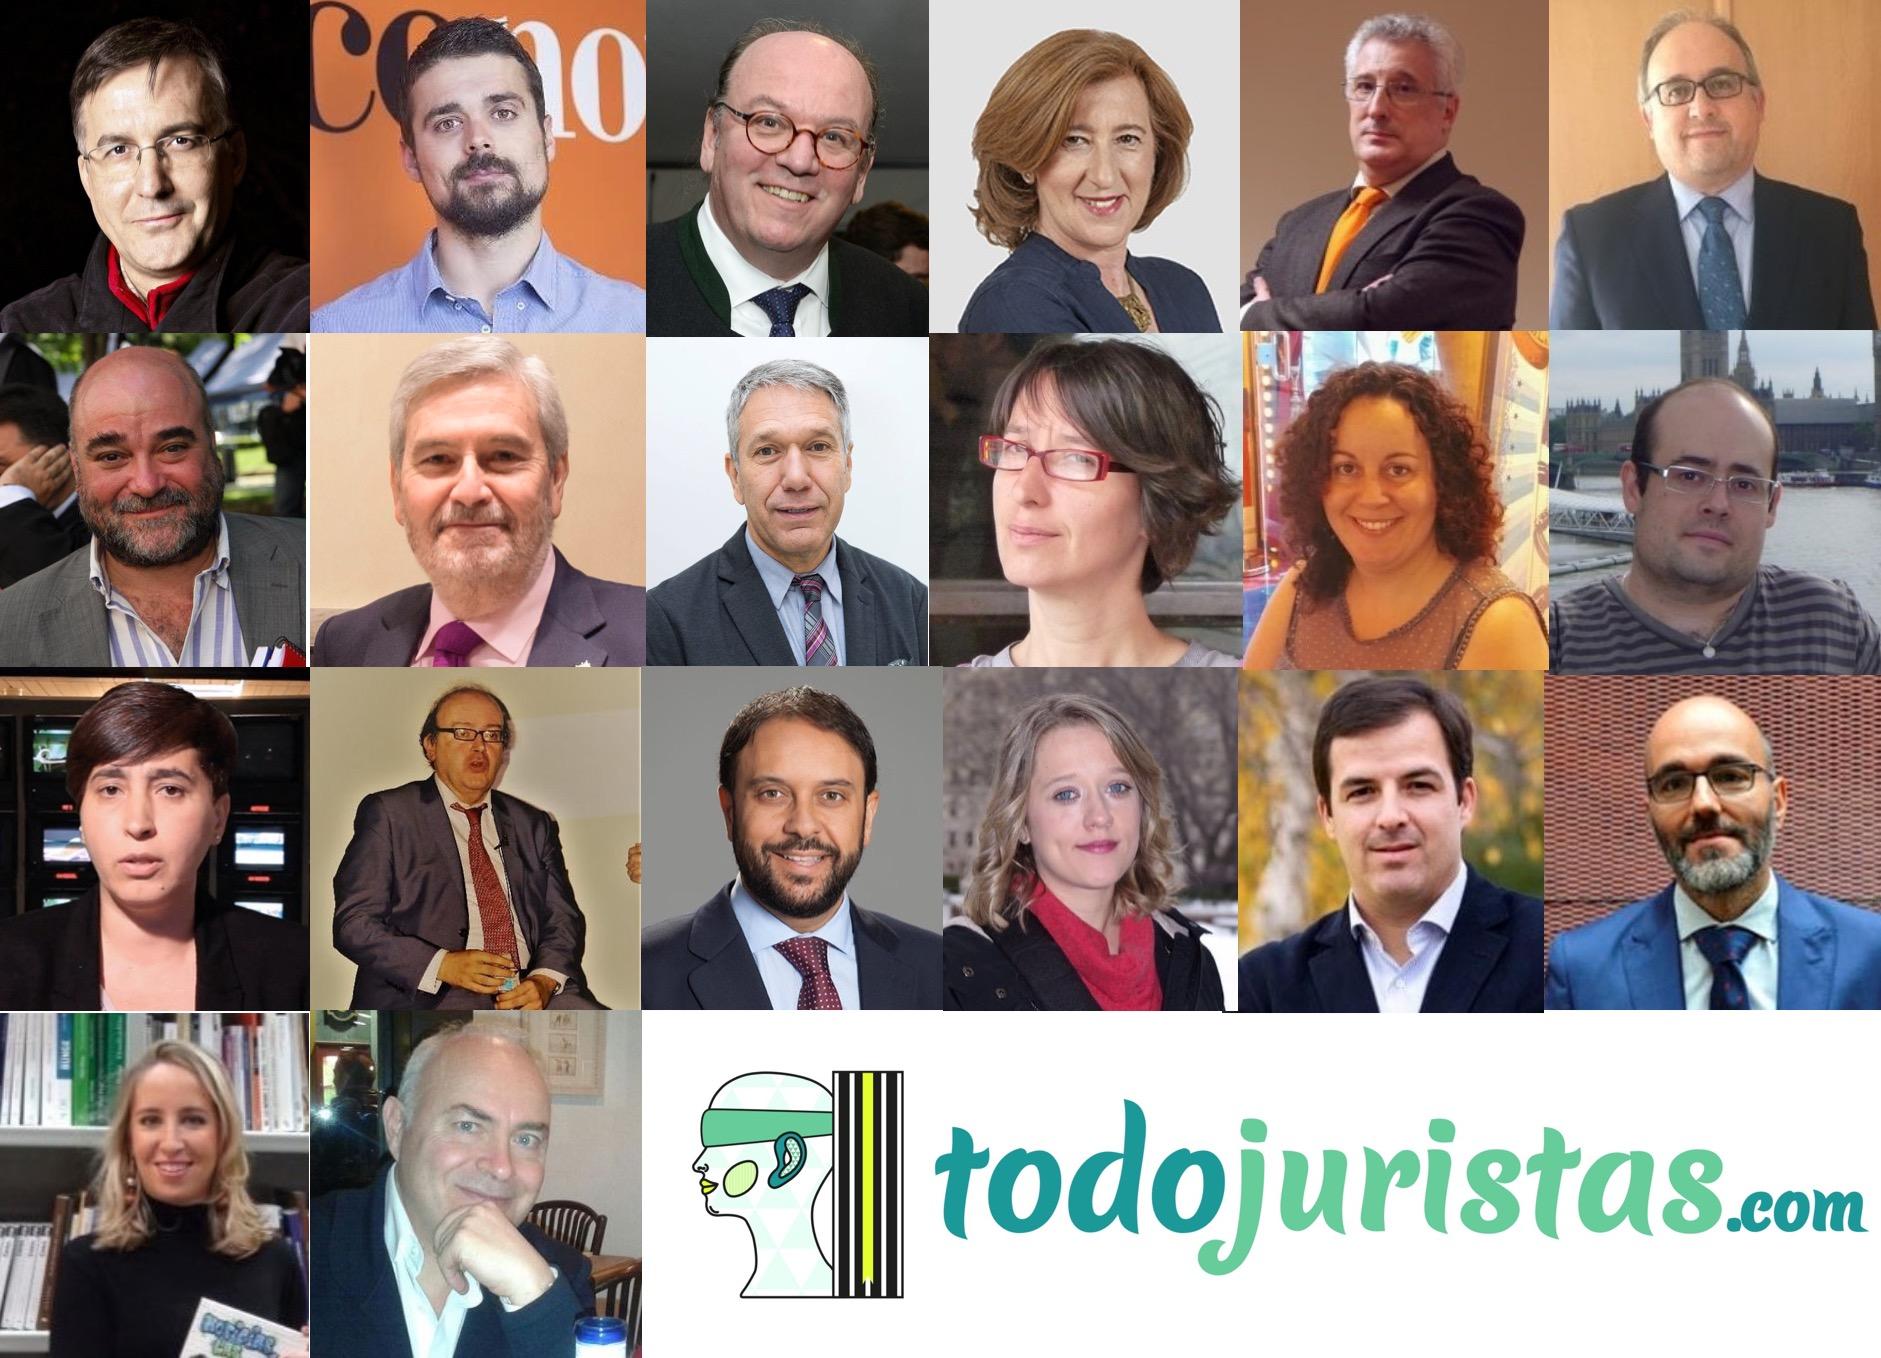 ¿Cuáles son los Periodistas que hablan sobre el Sector Jurídico?